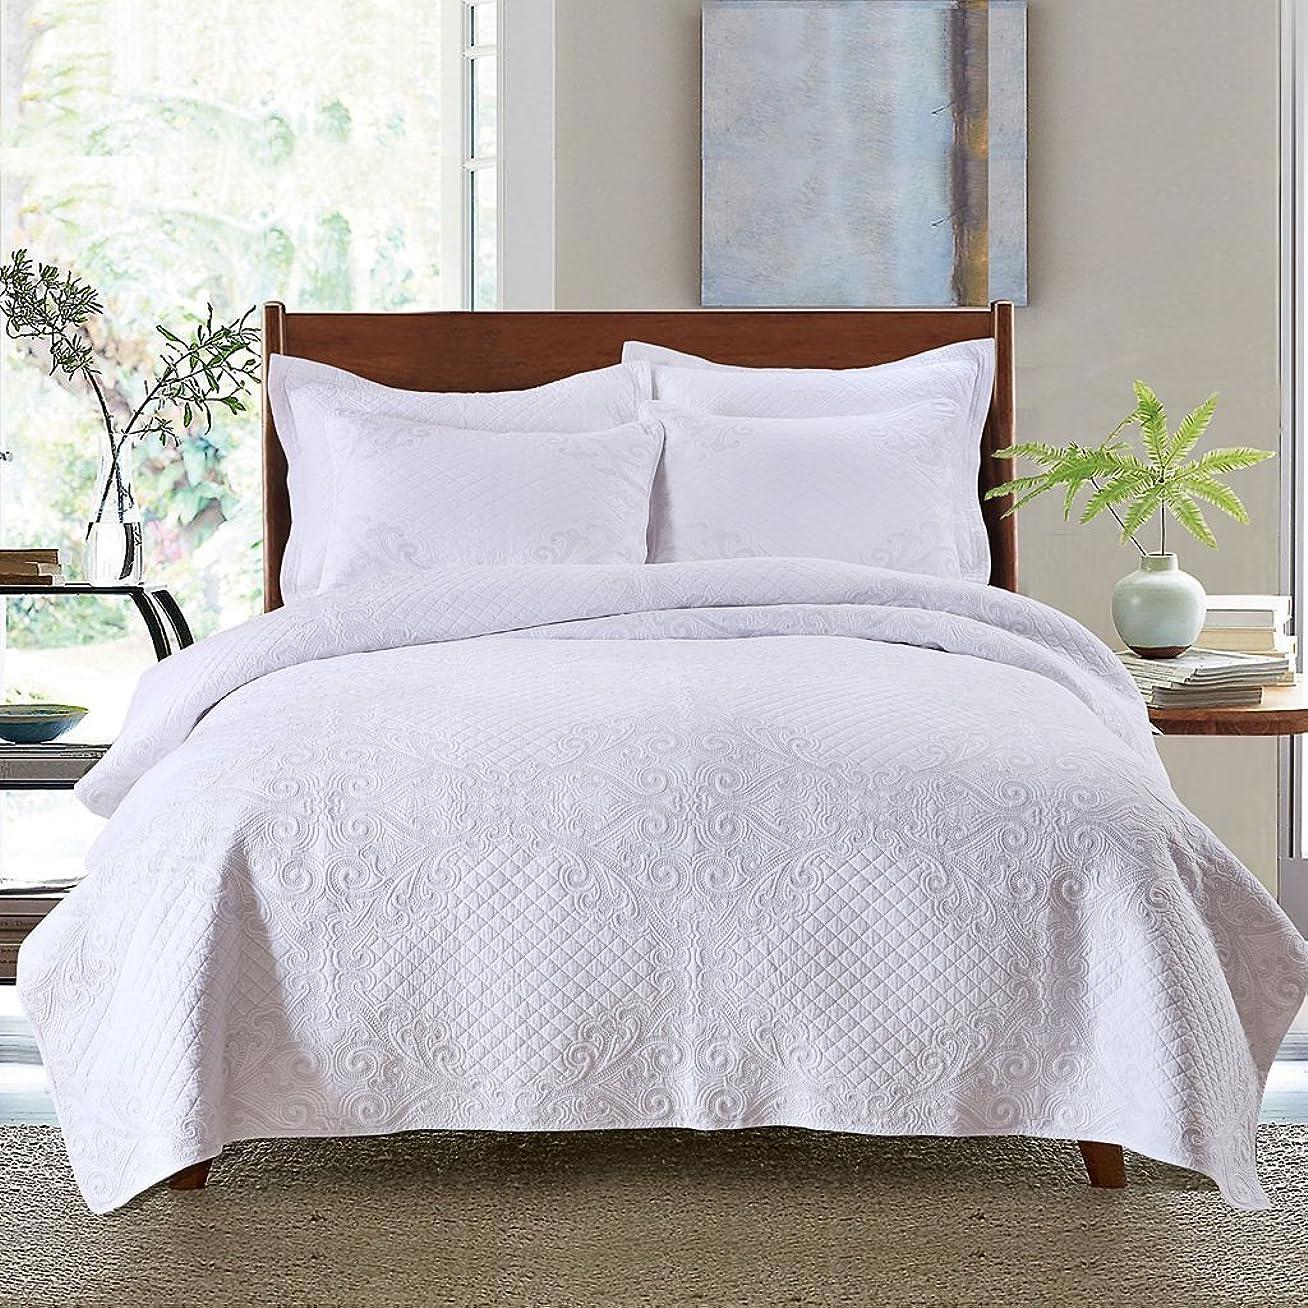 アレキサンダーグラハムベルレビュアー肘MEIQB ベッドカバー ベッドスプレッド マルチ カバー キルト おしゃれ ダブル 綿100% 3点セット ホワイト (白い, 250×270CM)